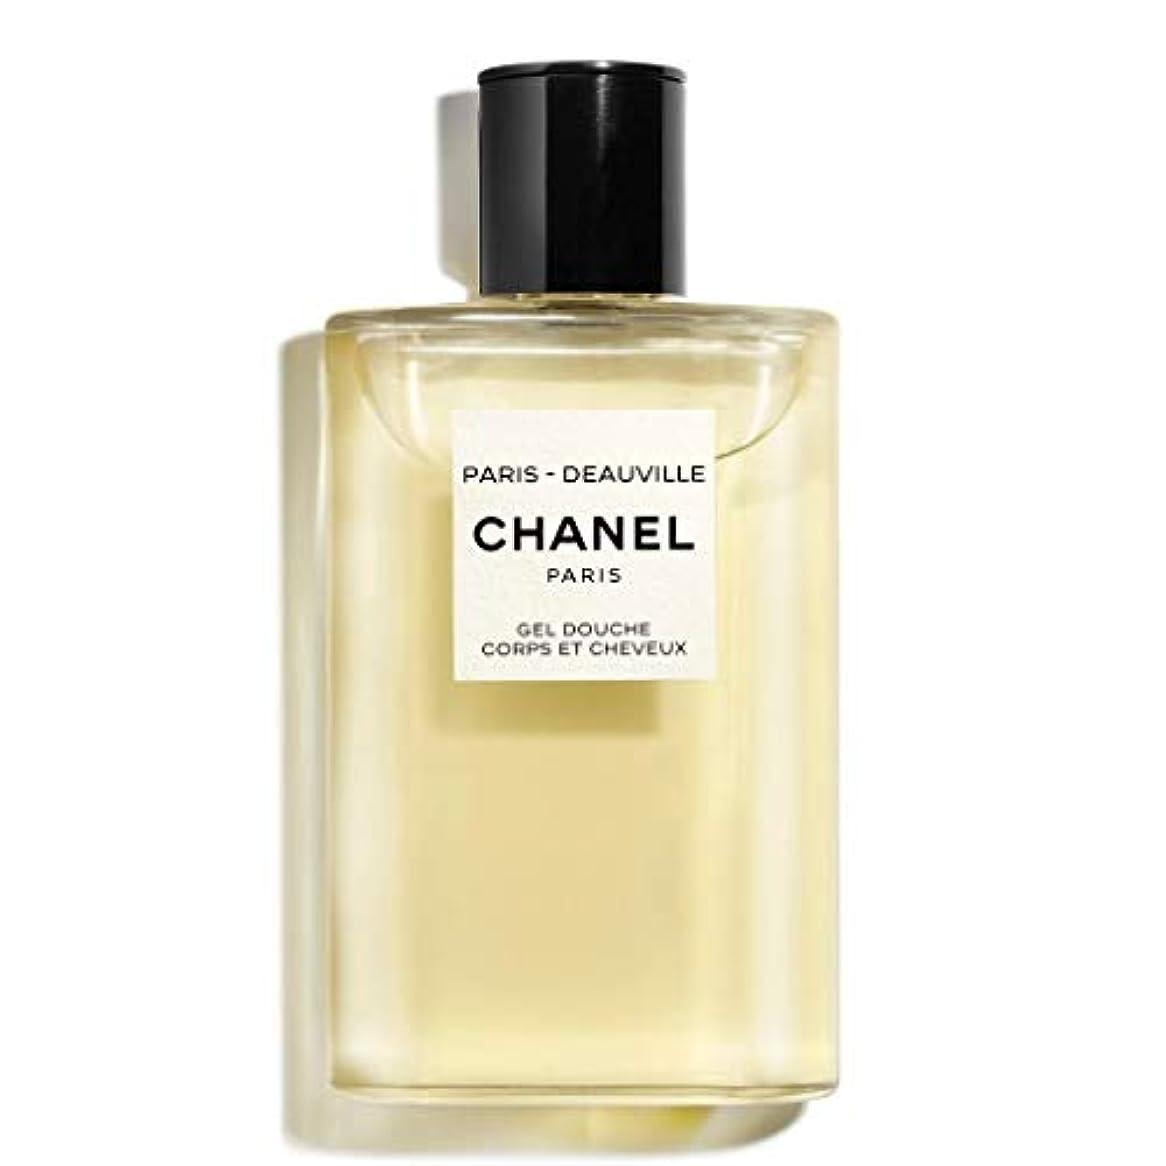 ファシズムわずかに限り【国内正規品】CHANEL シャネル パリ ドーヴィル ヘア&ボディ シャワー ジェル 200ml